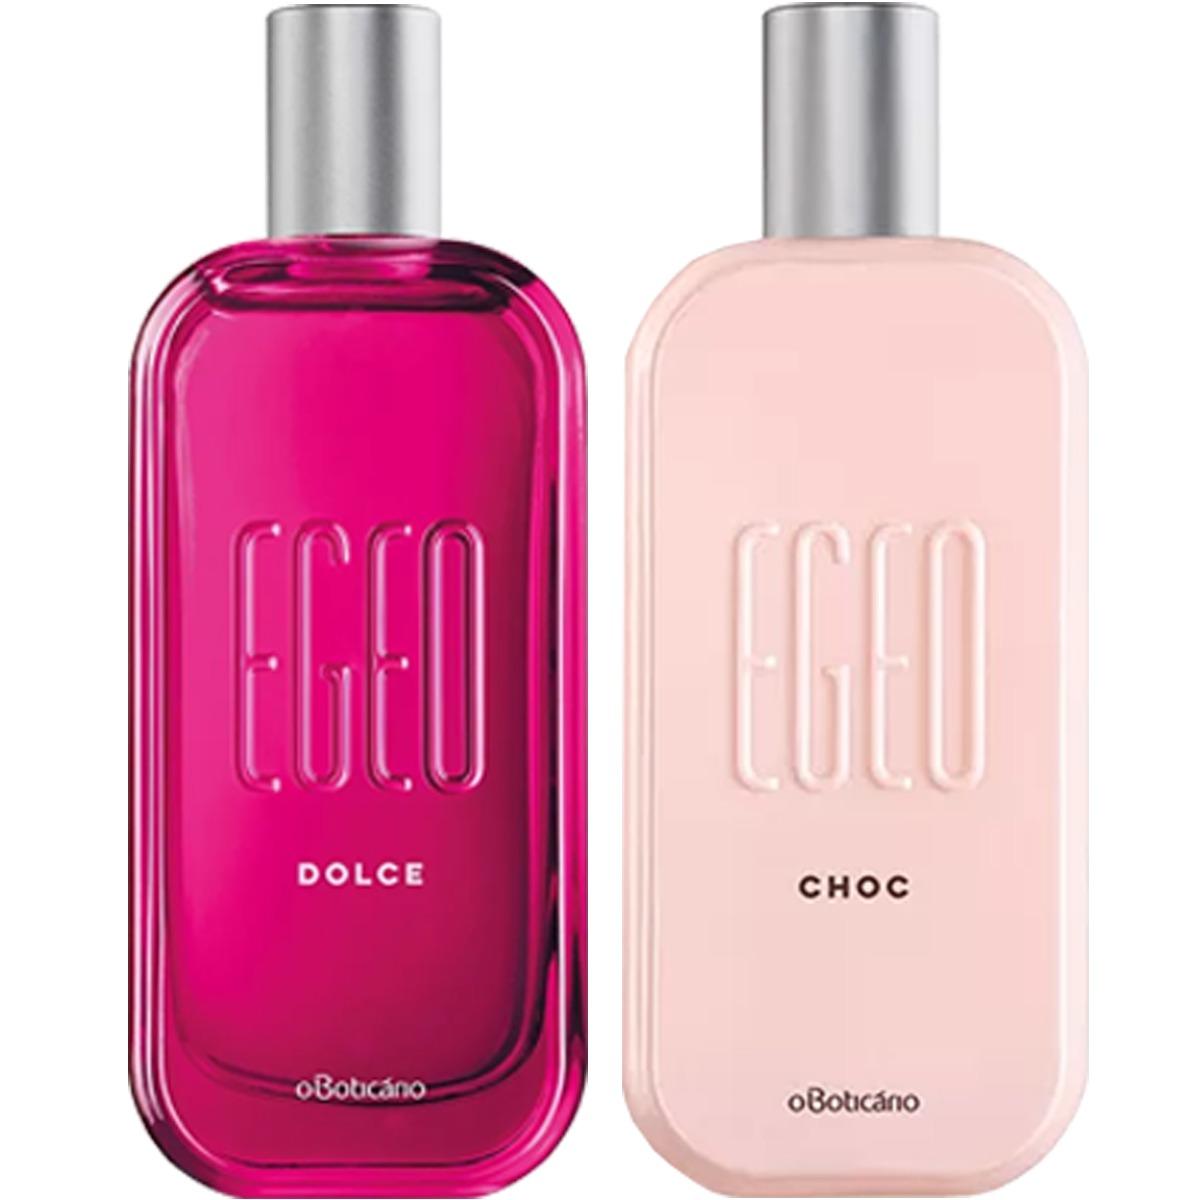 f50669e28ad48 perfume colônia egeo dolce + egeo choc o boticário promoção. Carregando  zoom.